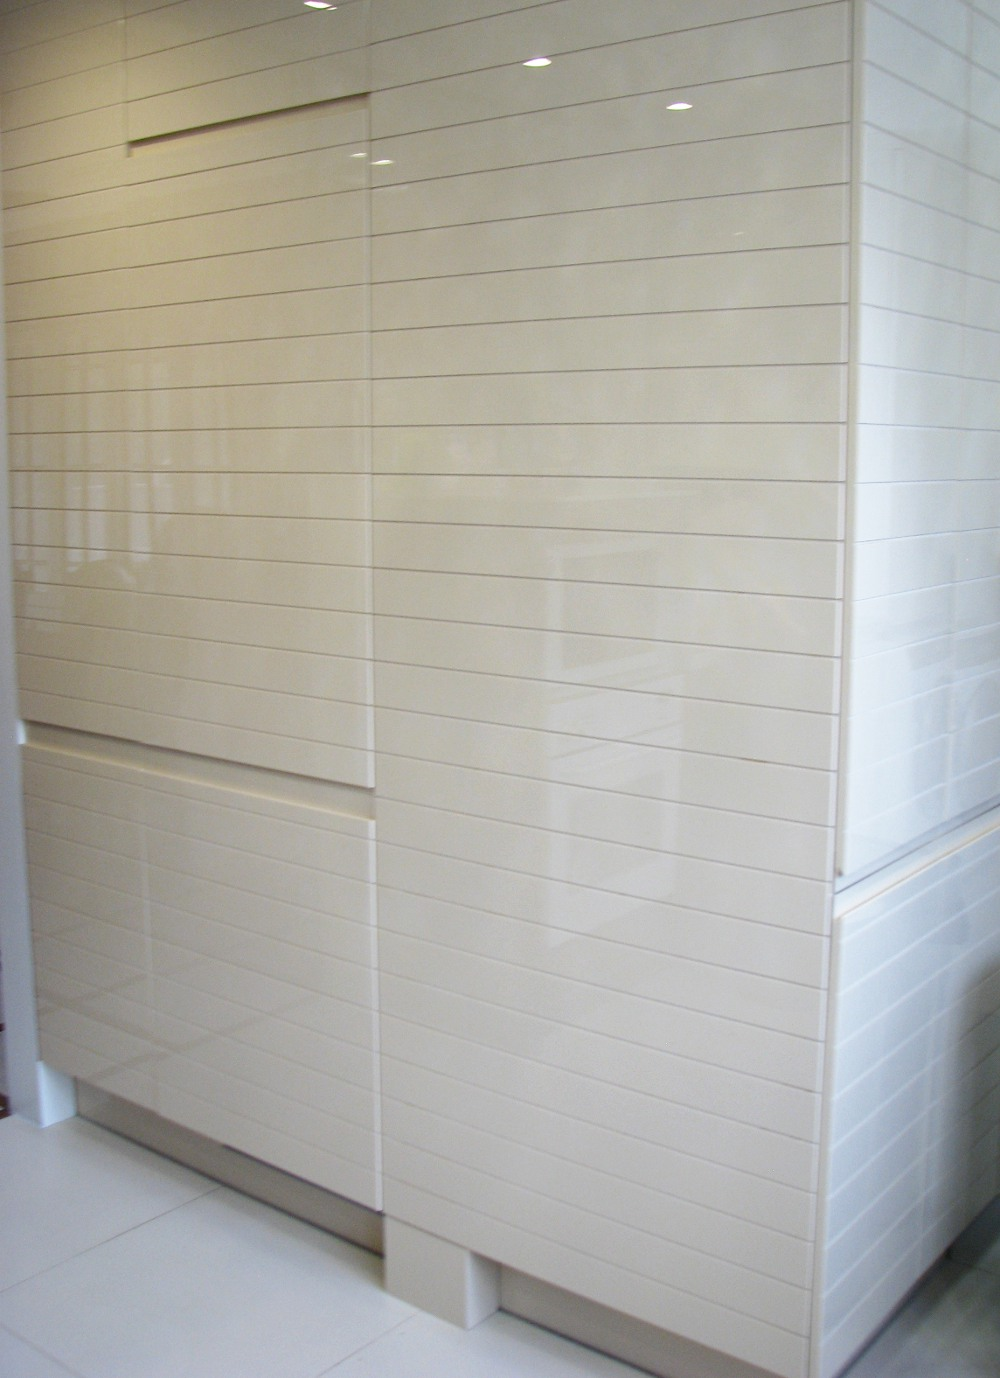 Konyhaszekrény kialakítása beépített hűtővel